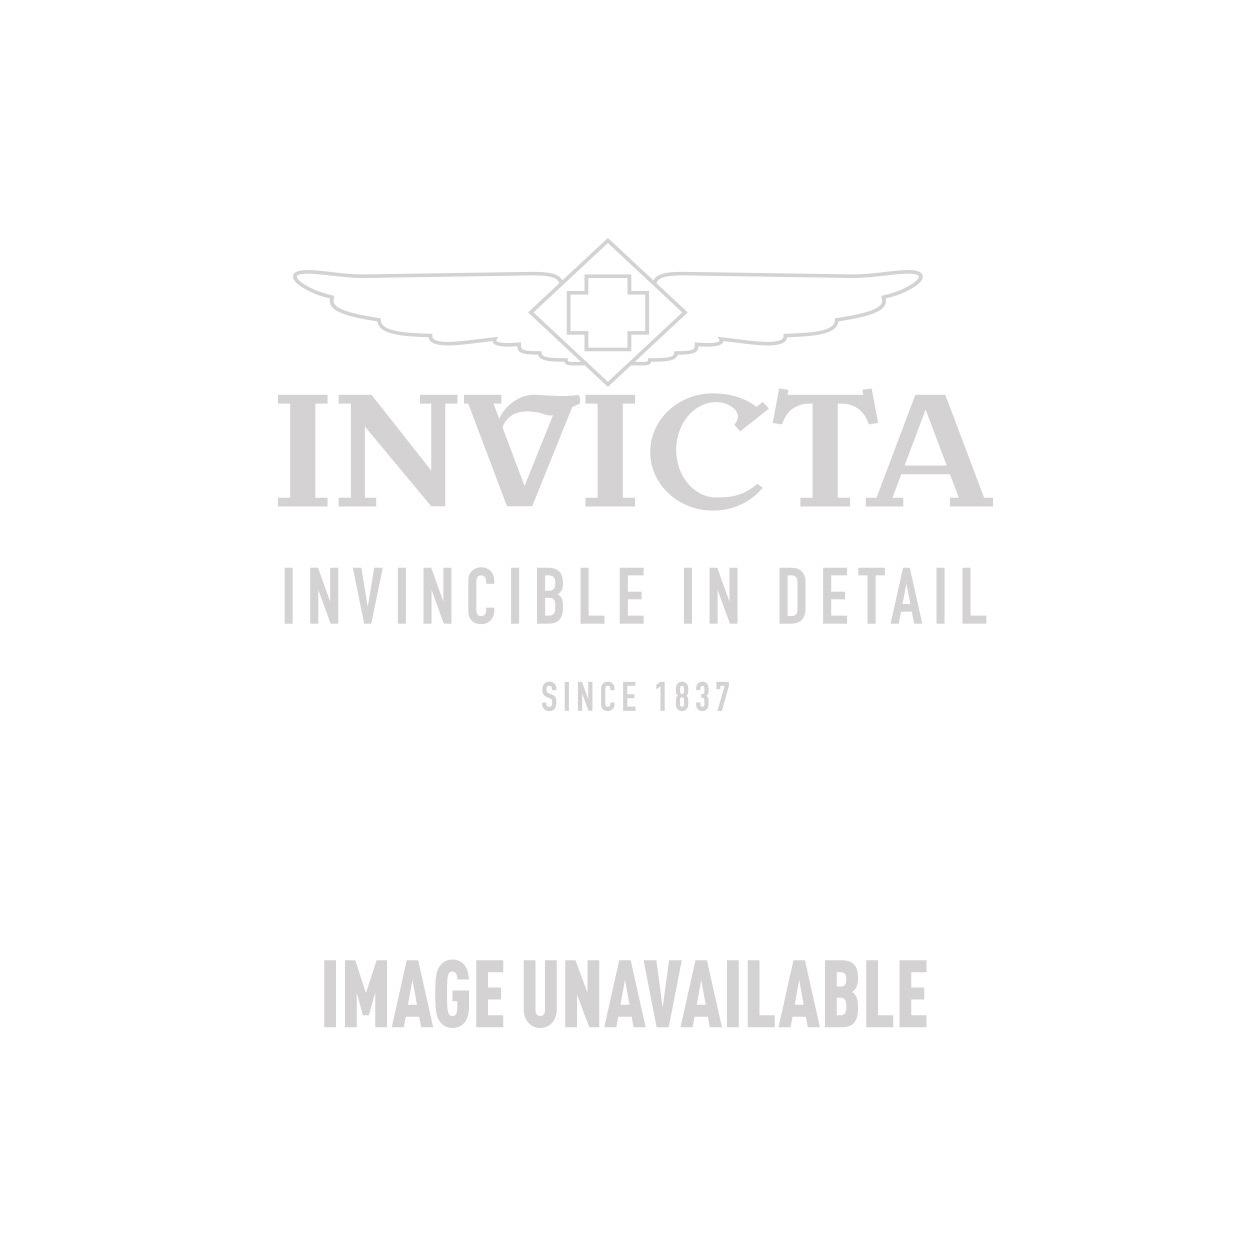 INVICTA Jewelry Incanto Necklaces 45 21.4 Silver 925 and Ceramic Rhodium+Rose Gold+White - Model J0062